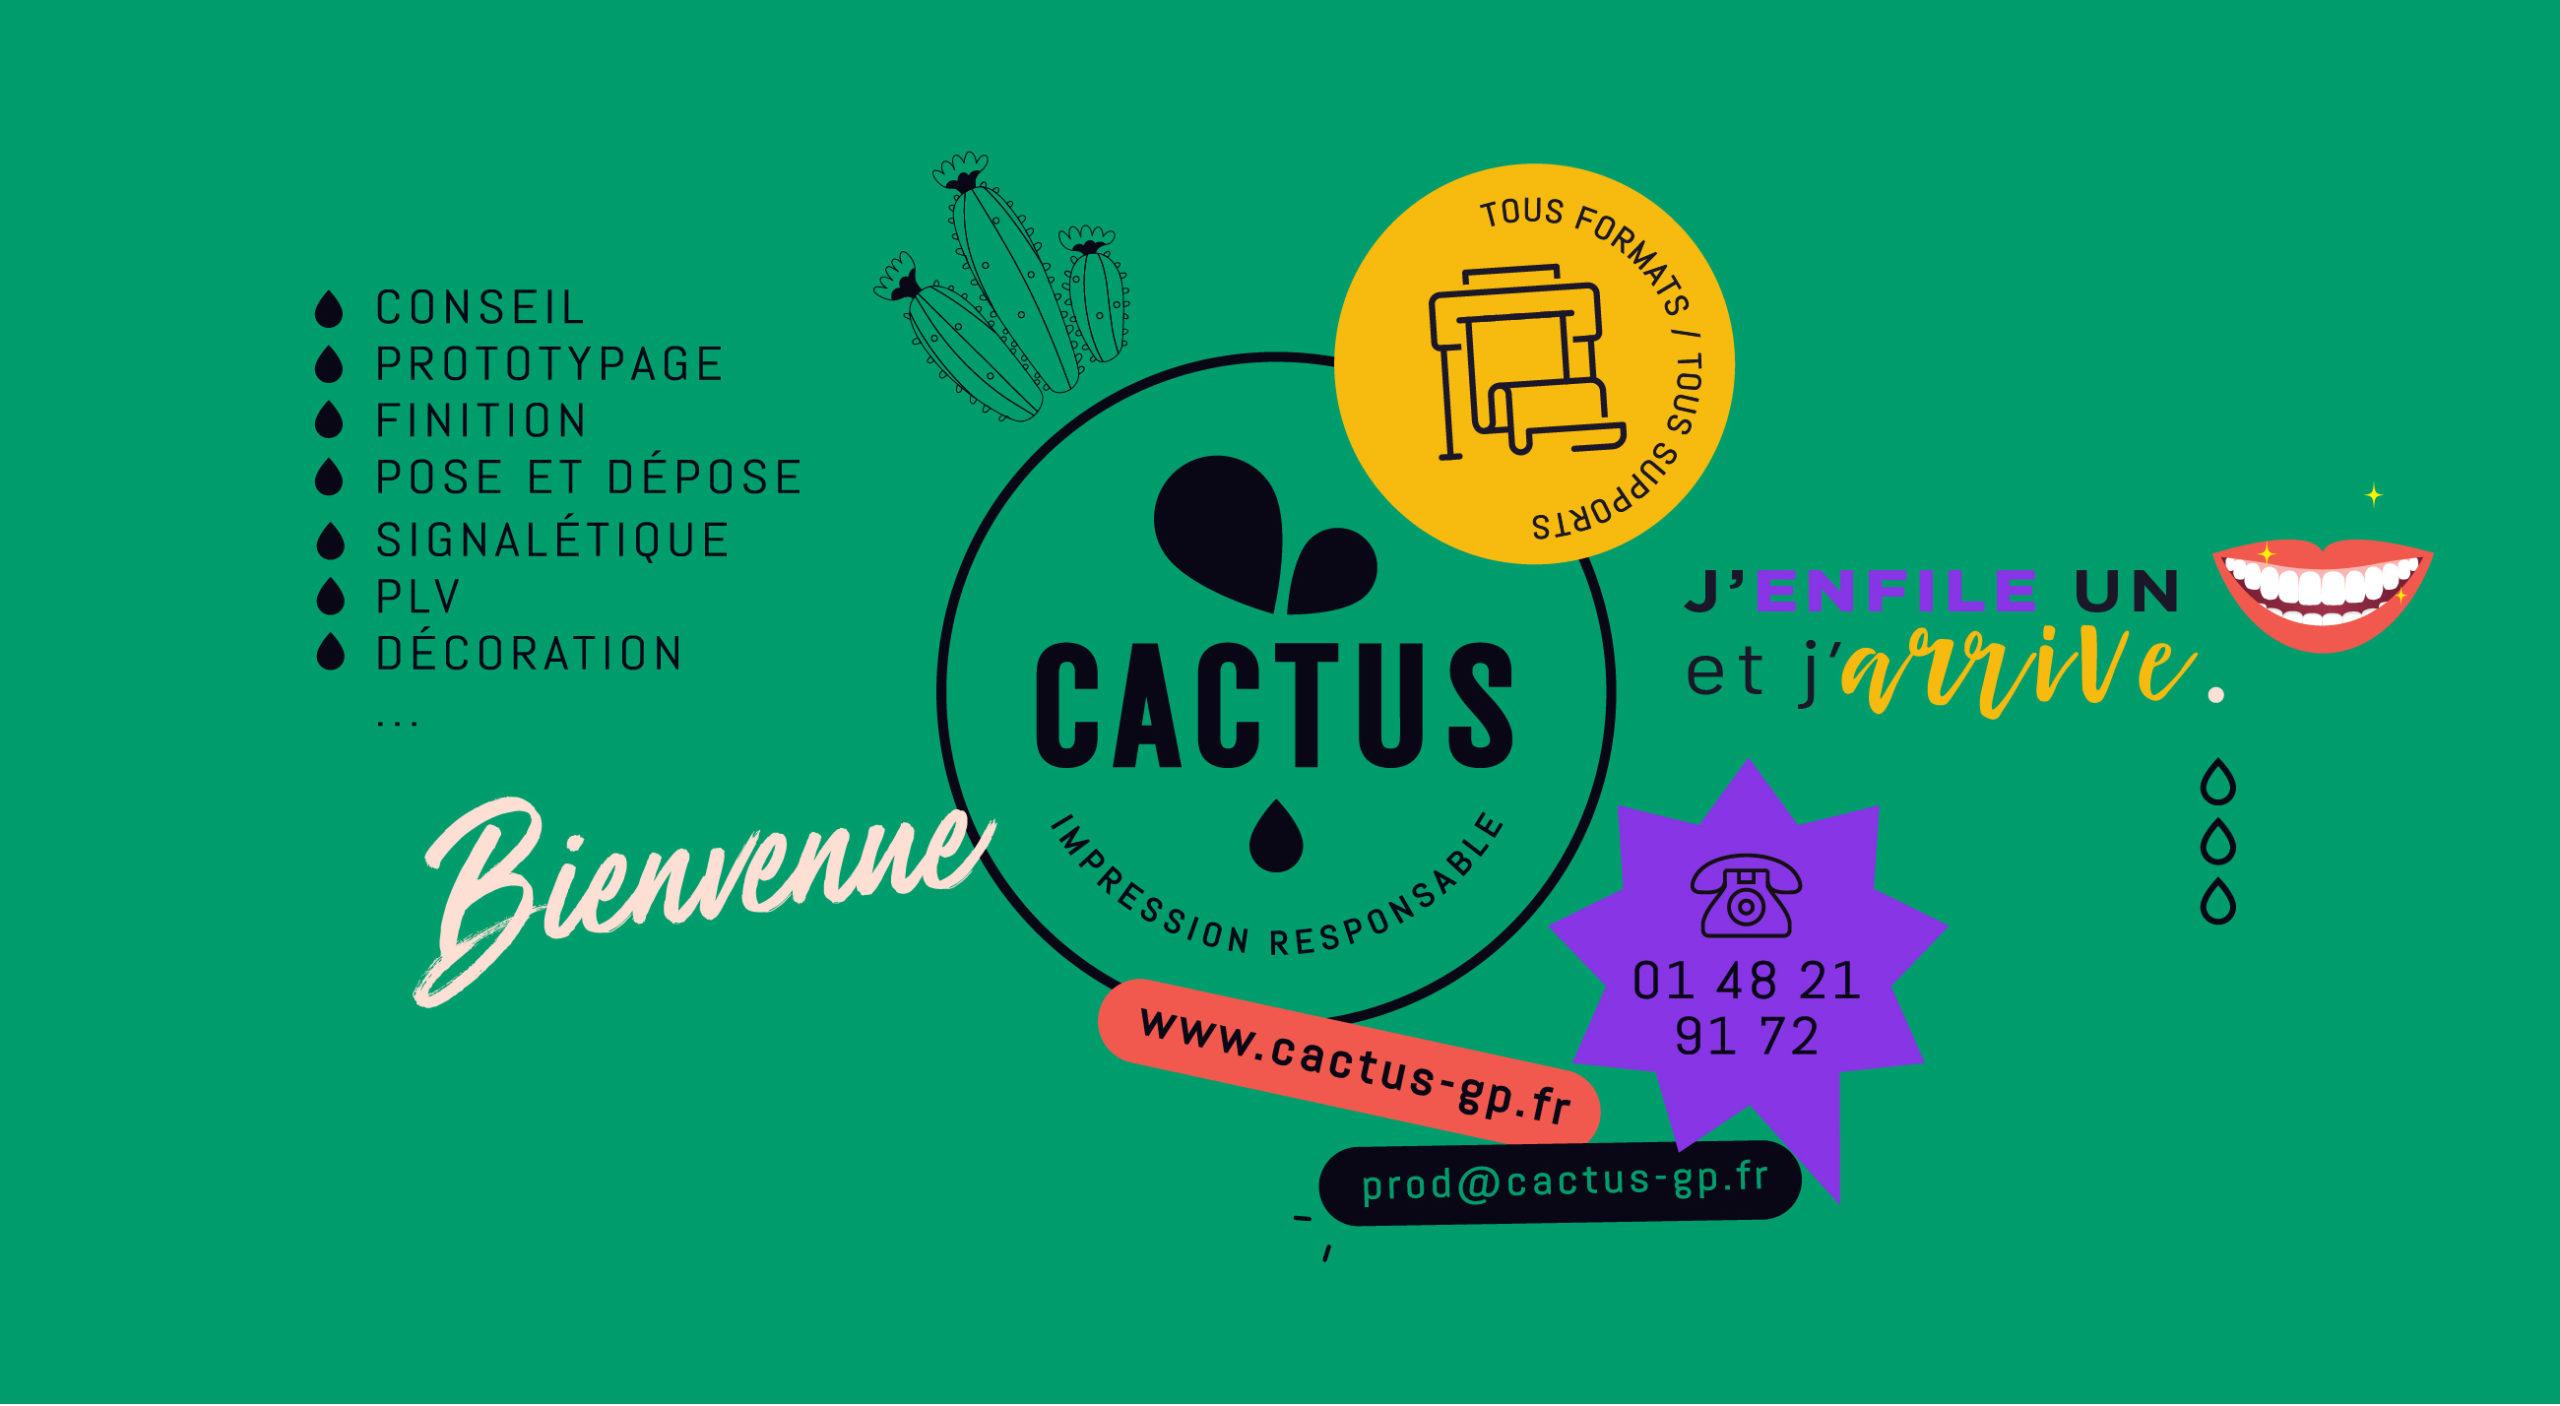 CACTUS-DAIAM-5